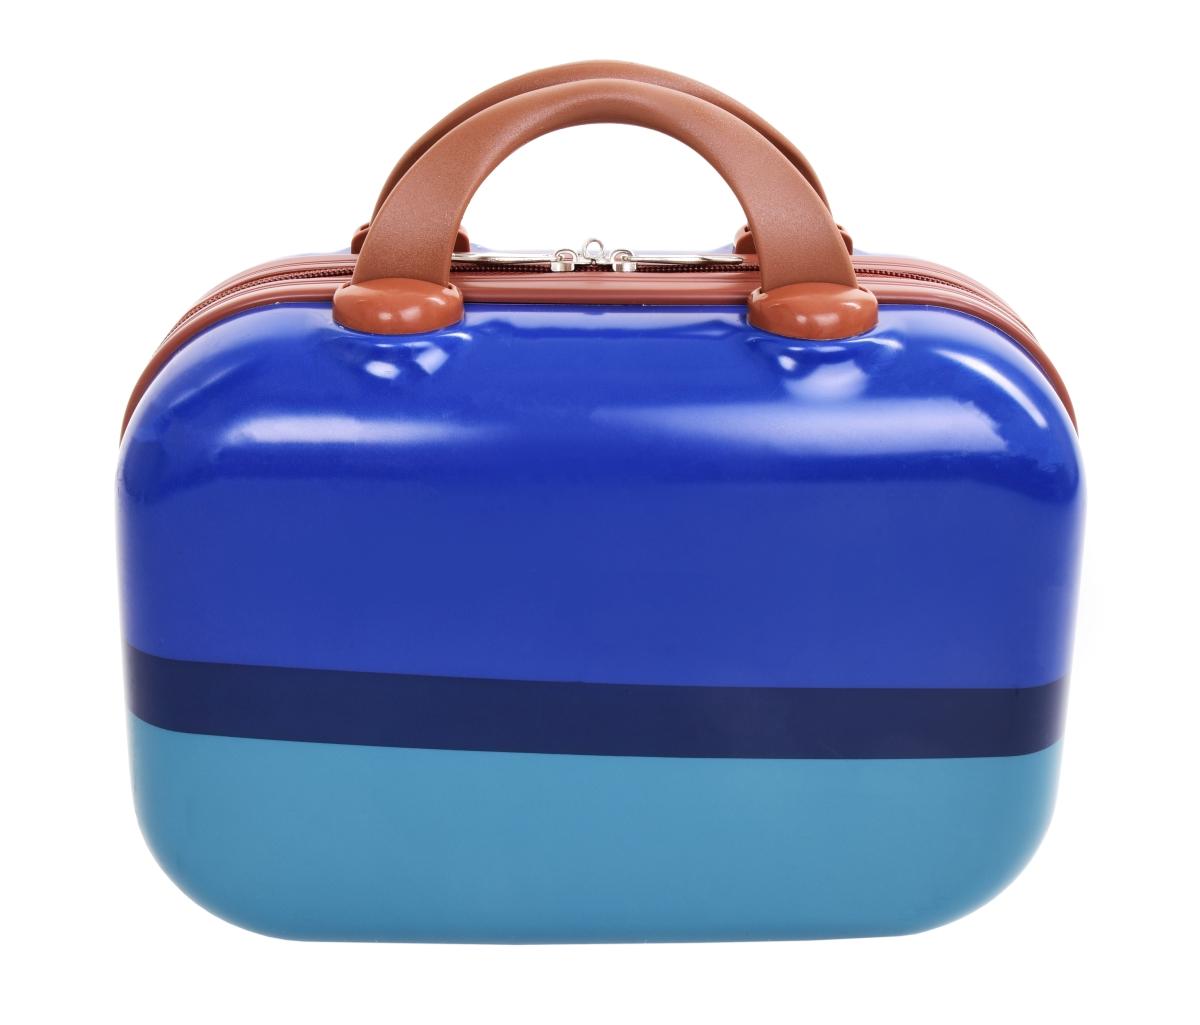 Kufr příruční menší BLUE TURQUOISE 32 x 14 x 24 cm